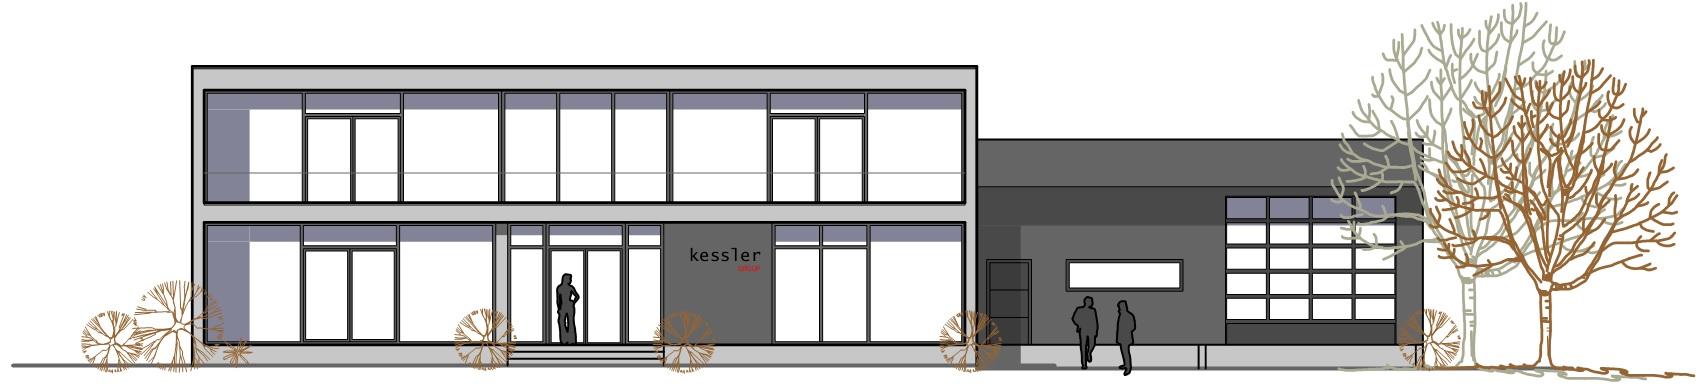 kessler weiter auf Wachstumskurs - nun folgt Standortwechsel nach Ostrach